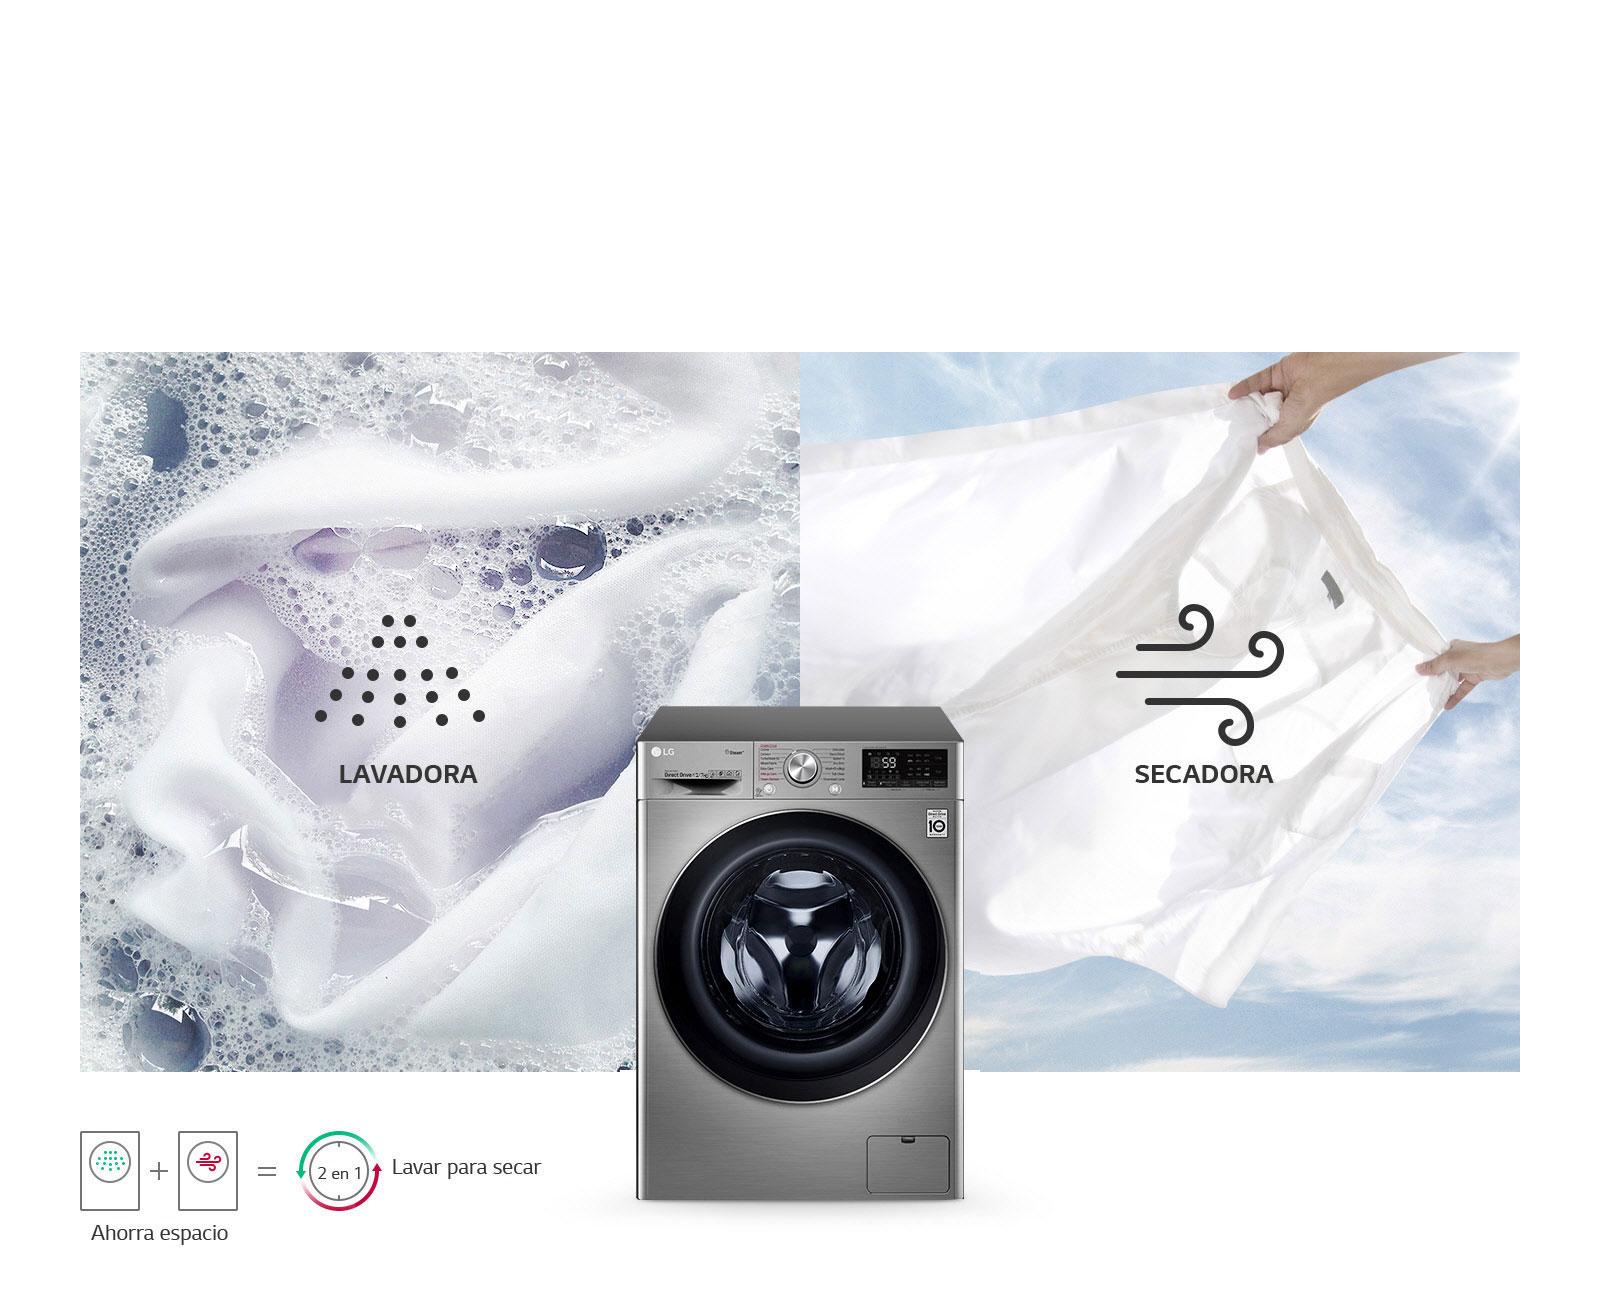 Lavadora y Secadora en Uno1